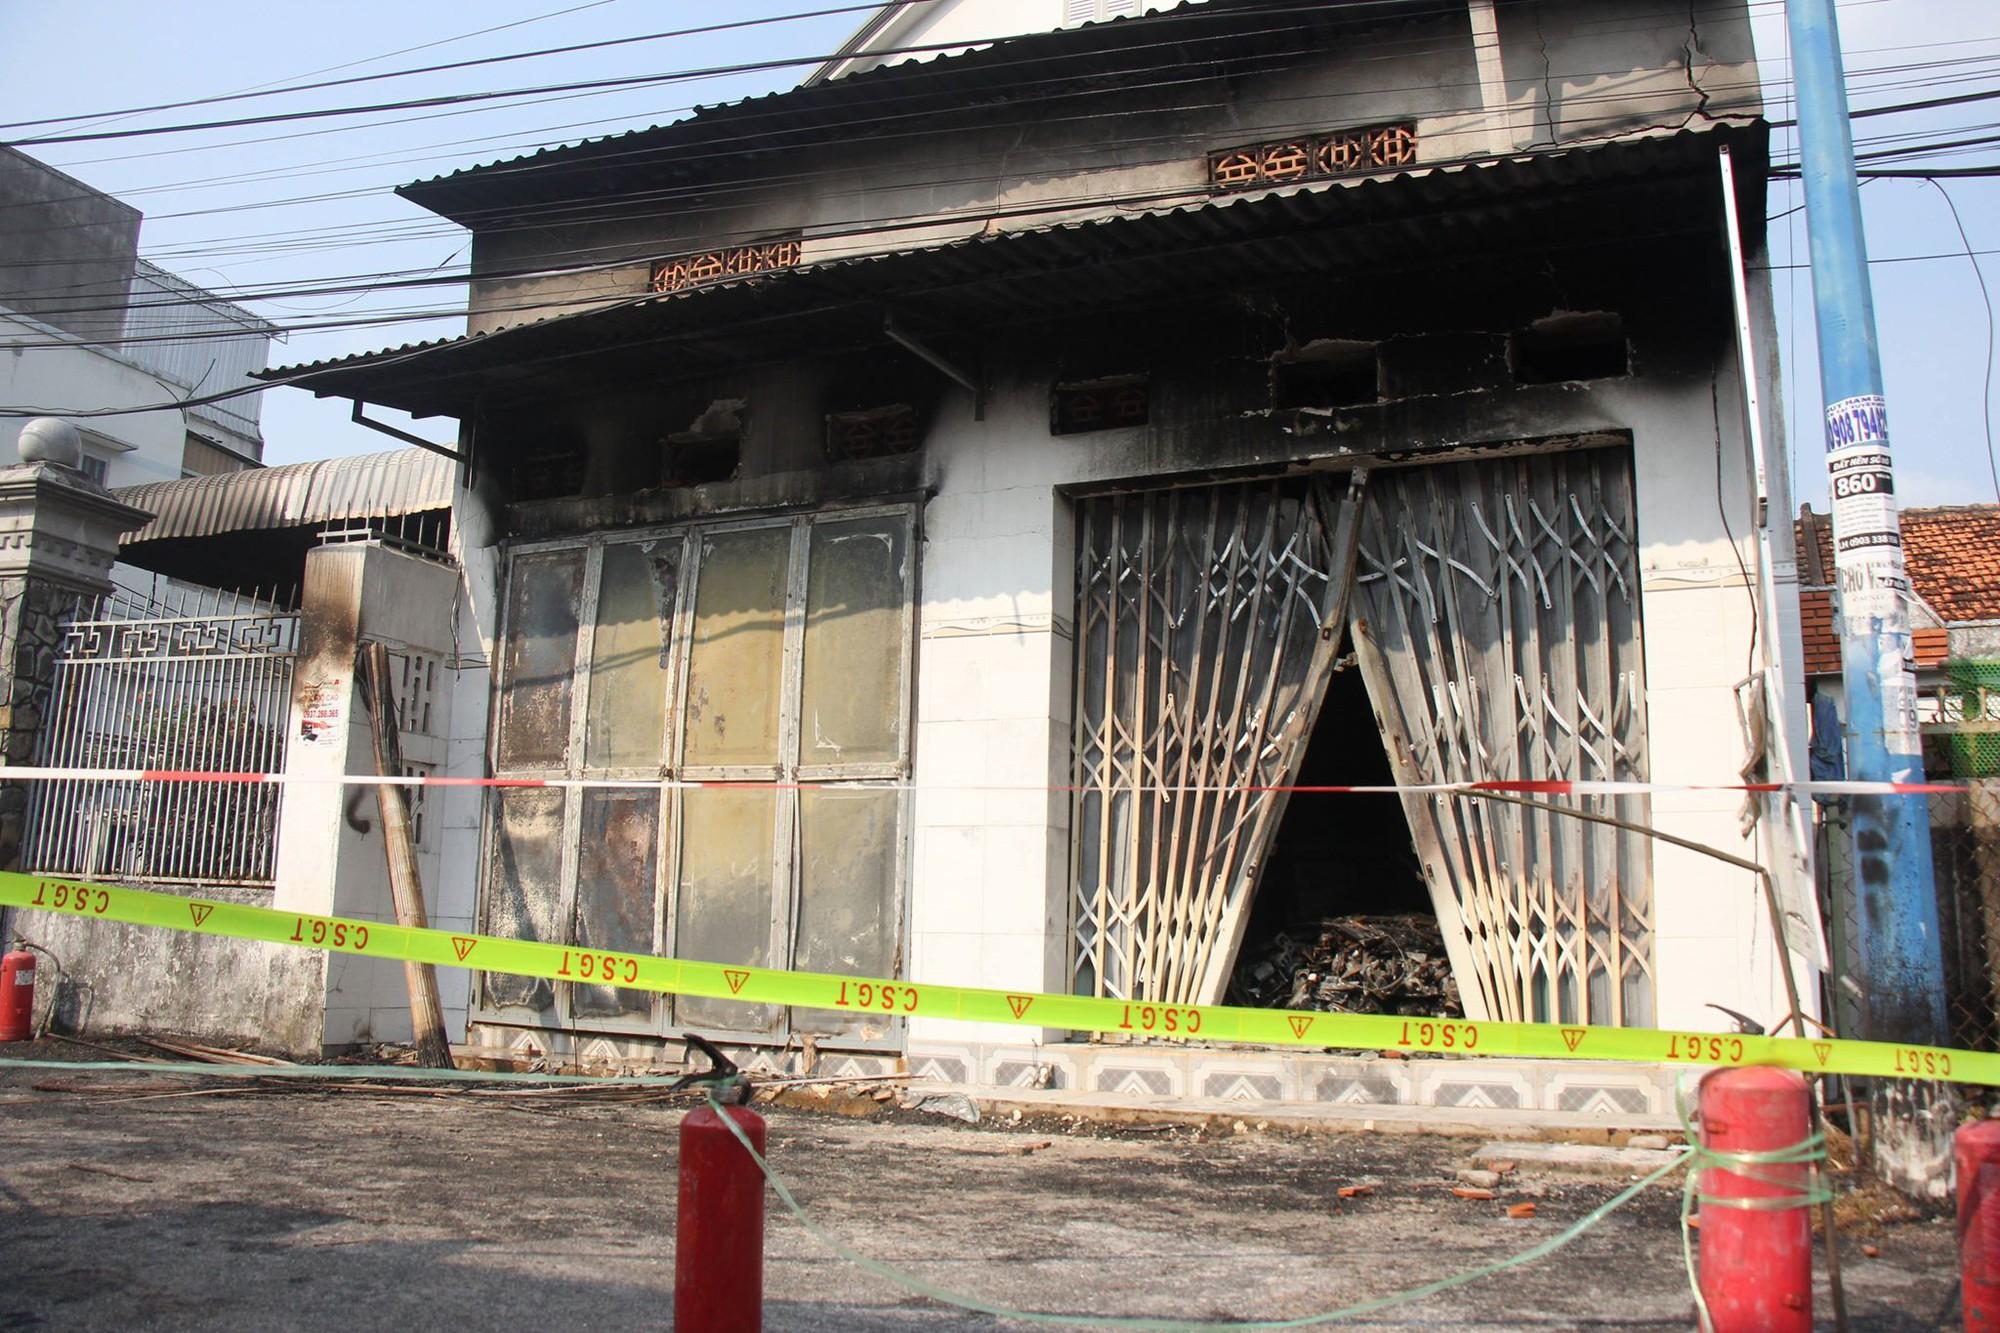 Bà Rịa - Vũng Tàu: Cháy tiệm sửa chữa điện tử, bé 10 tuổi cùng cha mẹ tử vong thương tâm - Ảnh 1.